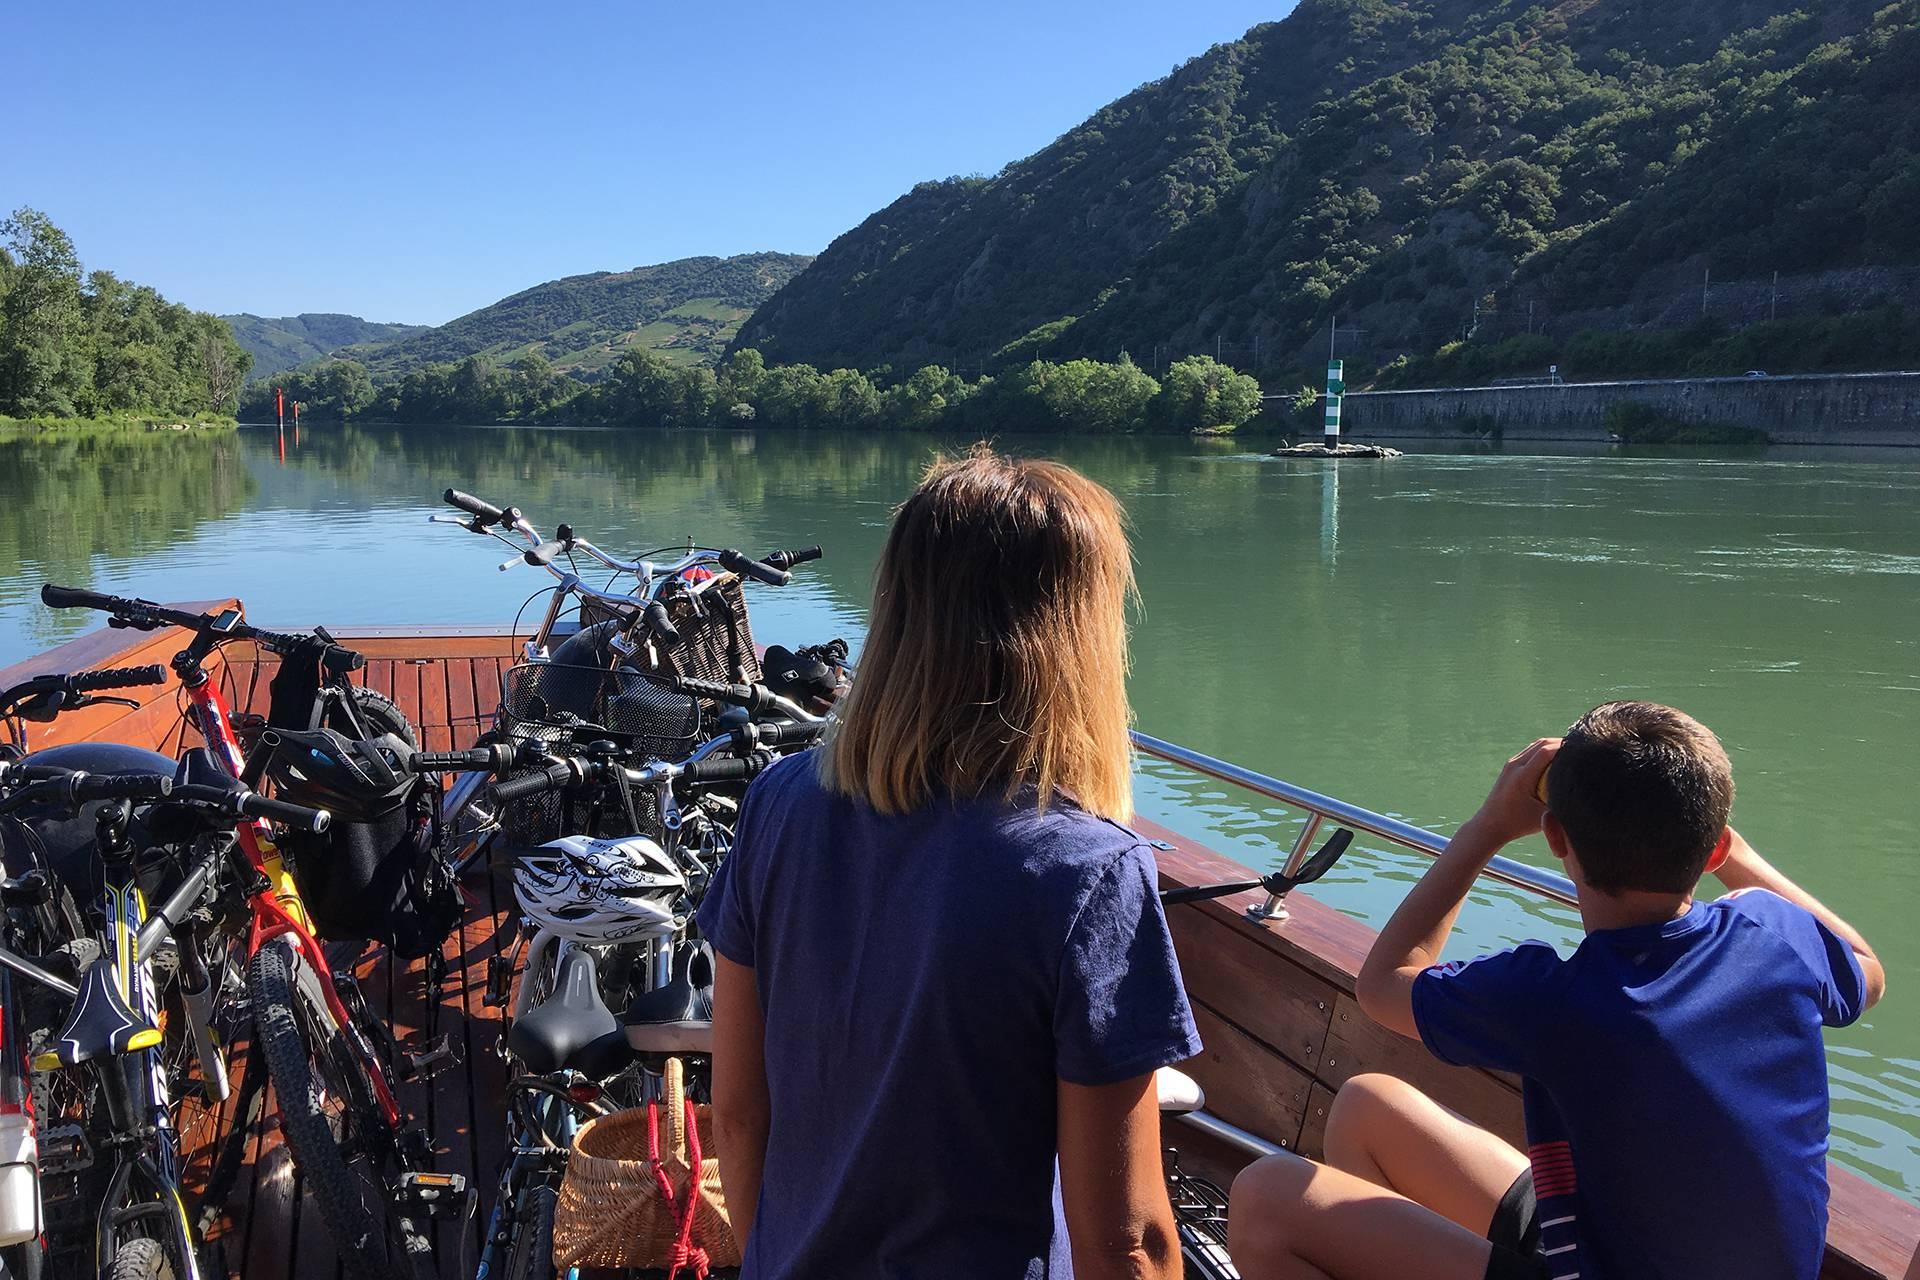 Vélo à bord du bateau